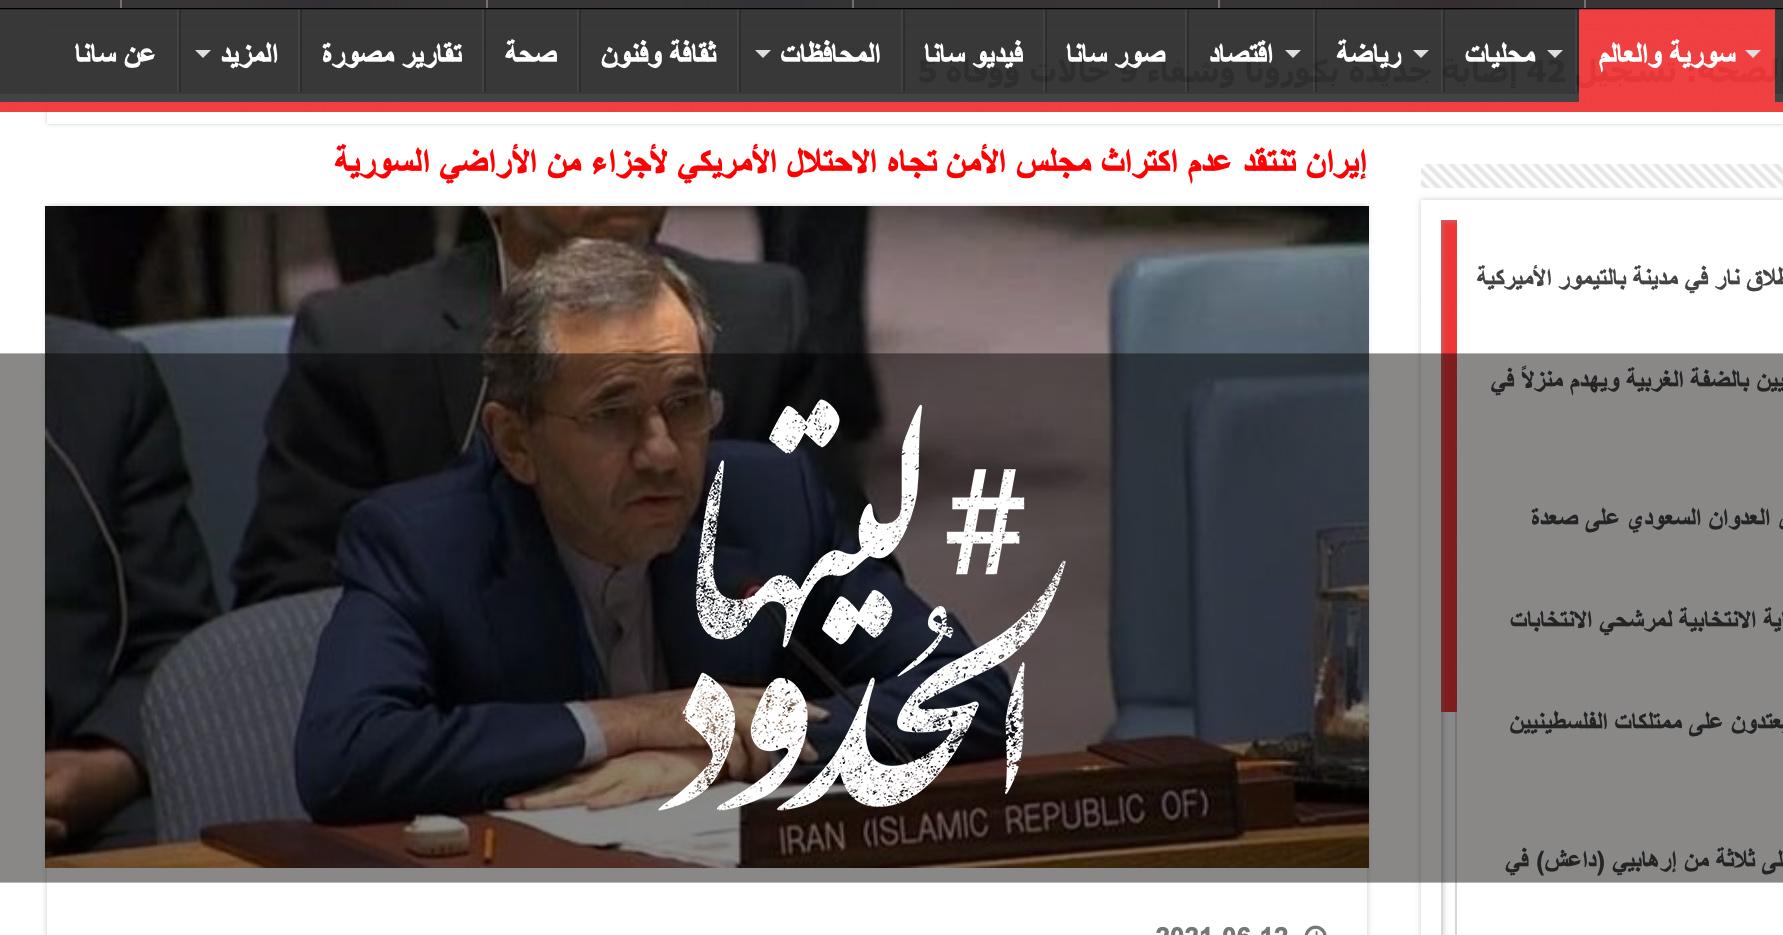 صورة إيران تنتقد عدم اكتراث مجلس الأمن تجاه الاحتلال الأمريكي لأجزاء من الأراضي السورية